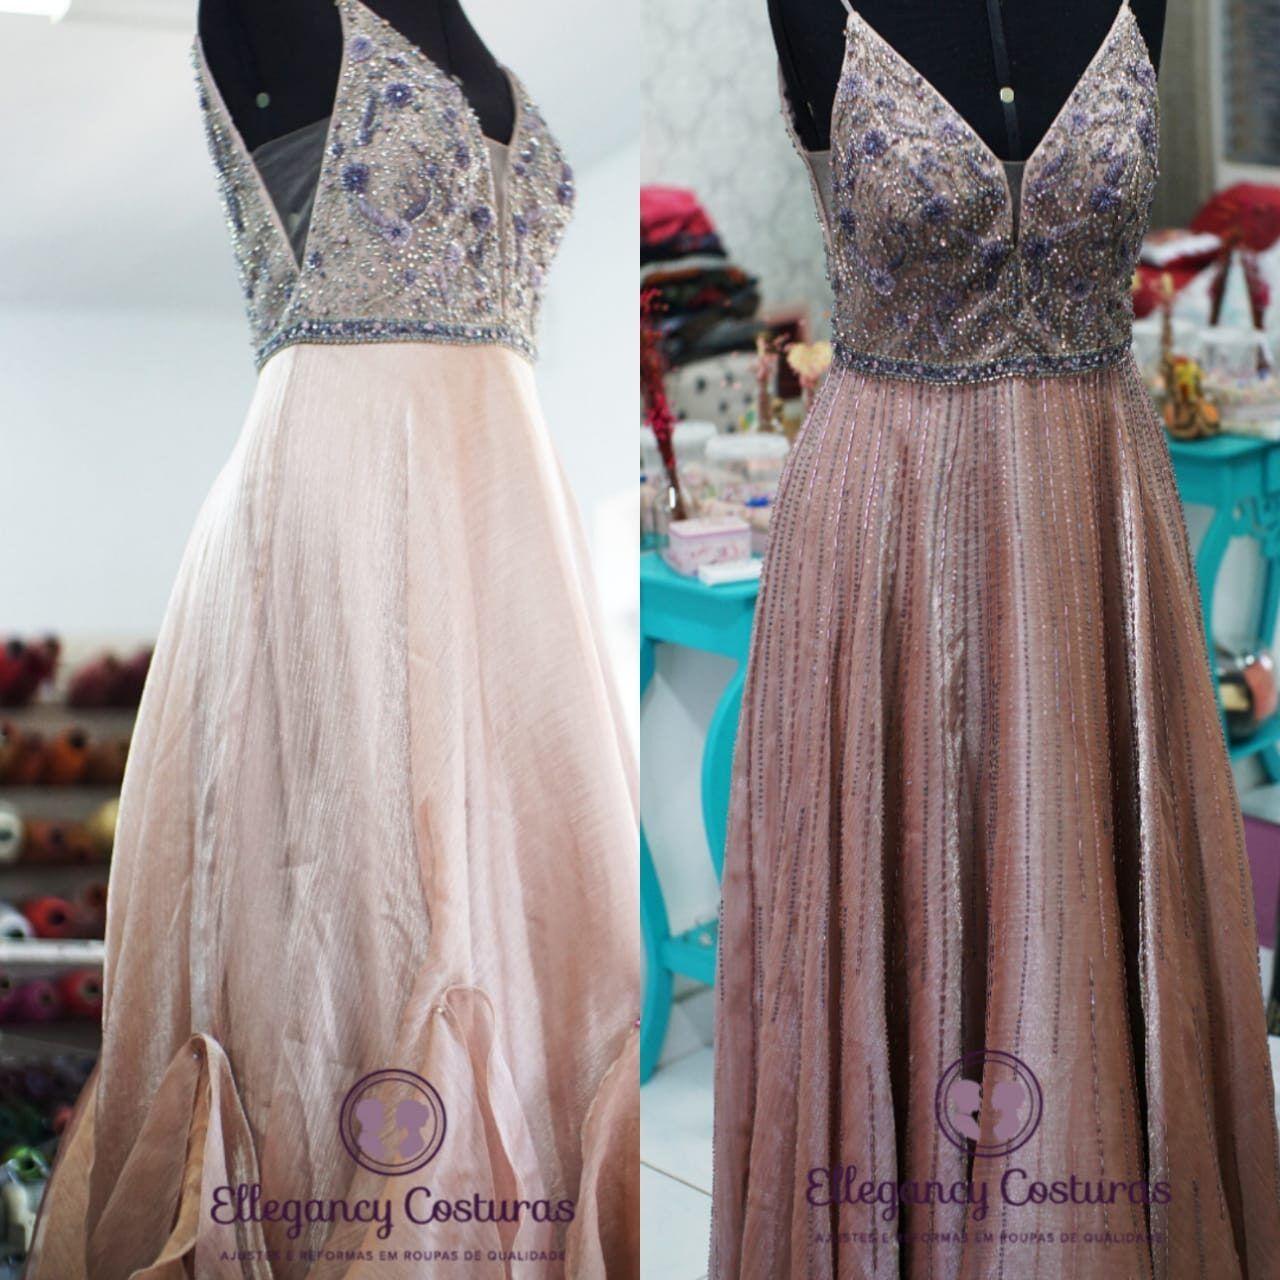 customizar-vestido-quero-transformar-meu-vestido-de-festa-5363347